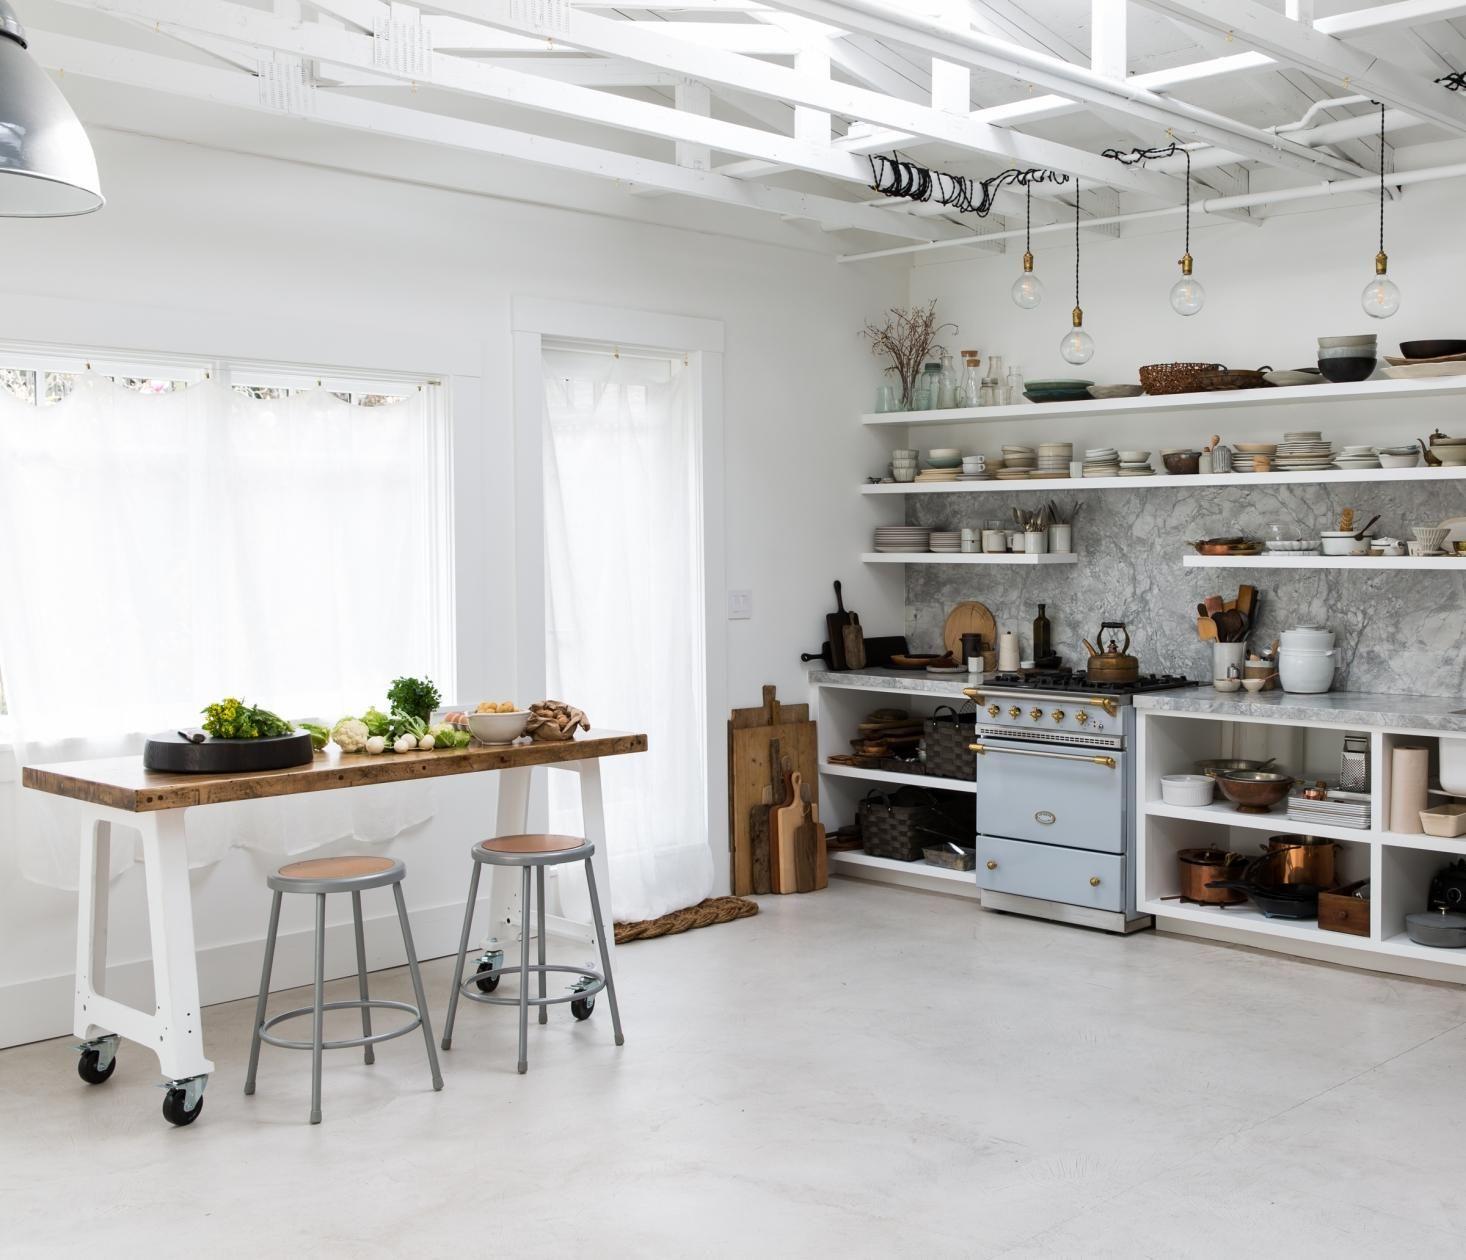 Food photographer\'s backyard kitchen and studio in Berkeley, CA ...